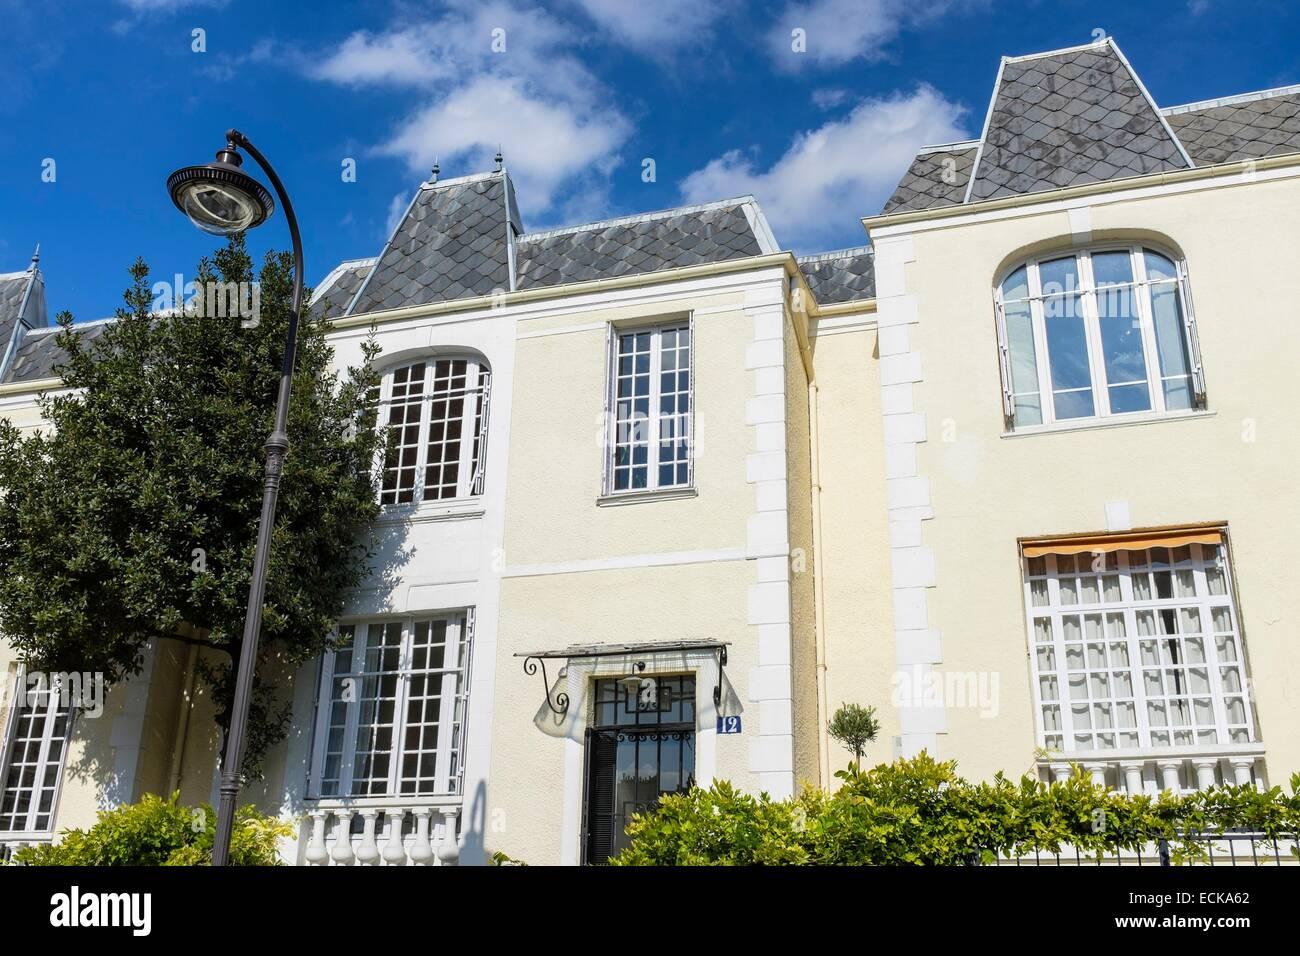 Maison Blanche Paris  Latest Timhotel Paris Place Ditalie